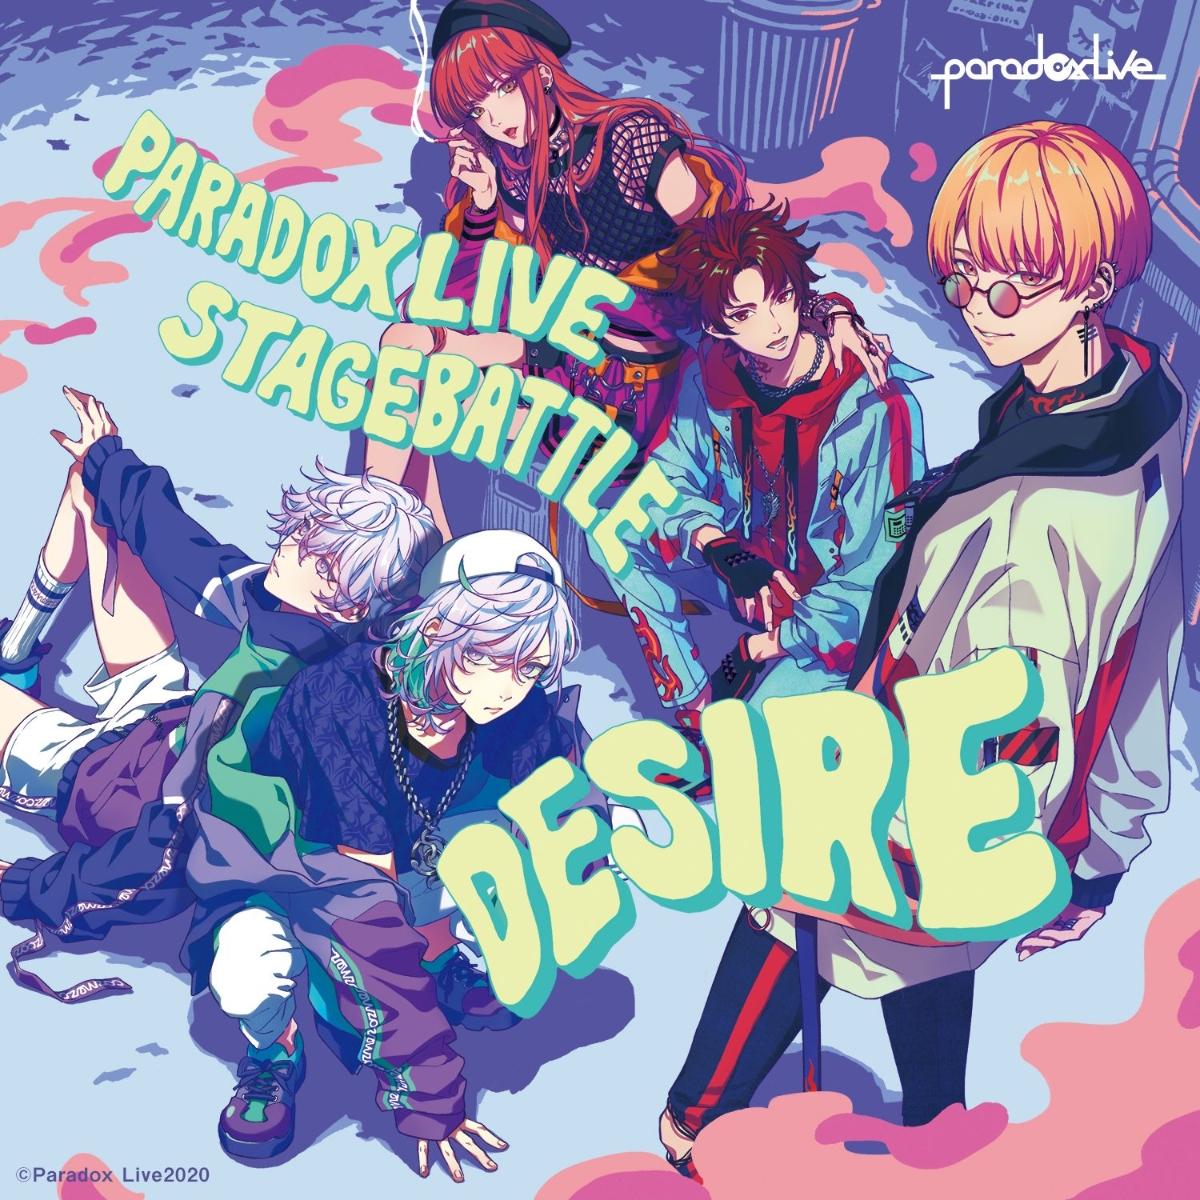 『cozmez - Get it』収録の『Paradox Live Stage Battle